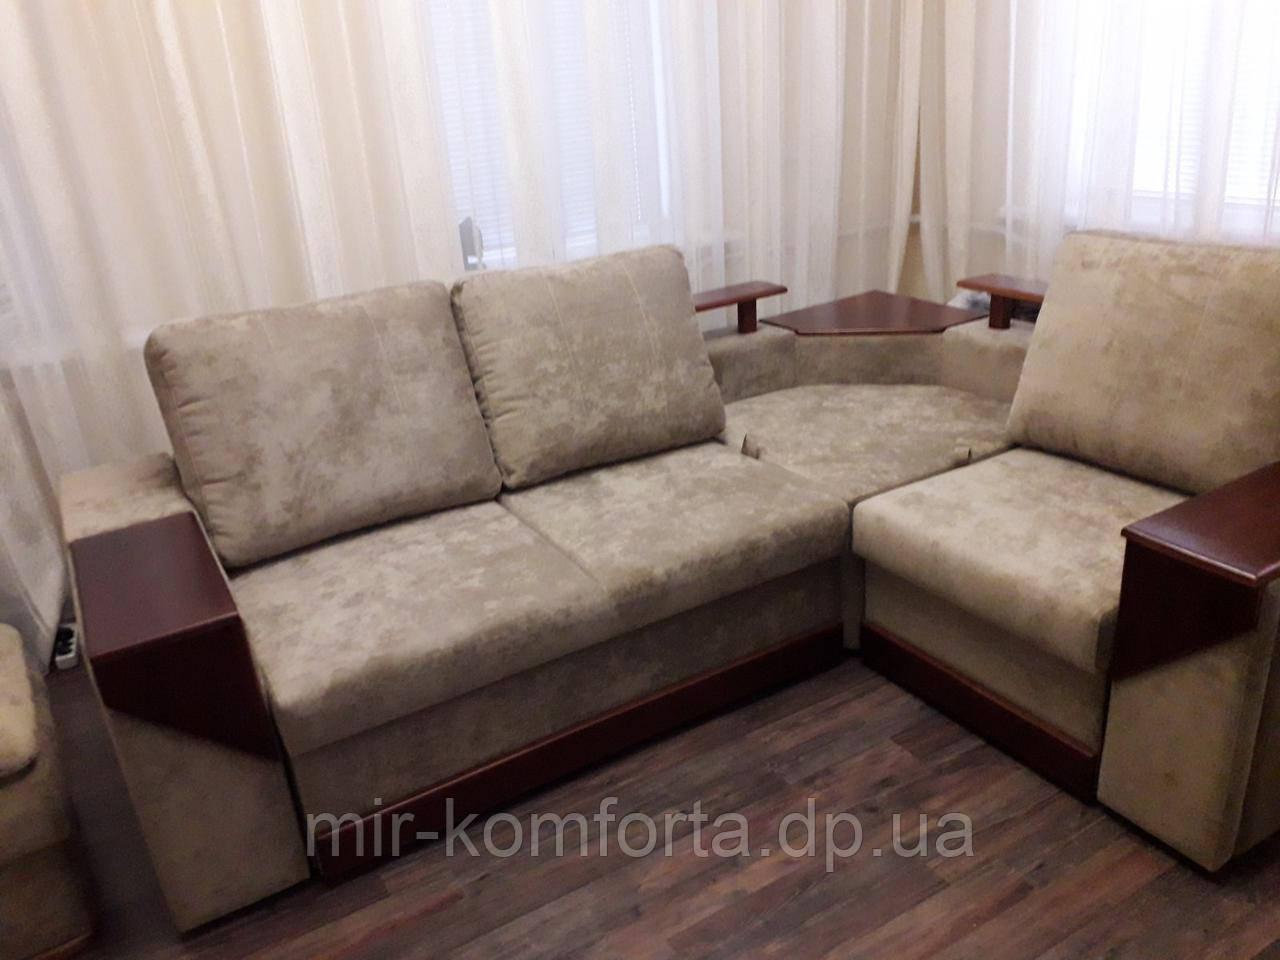 Перетяжка кутового дивана з дерев'яними подлкотниками